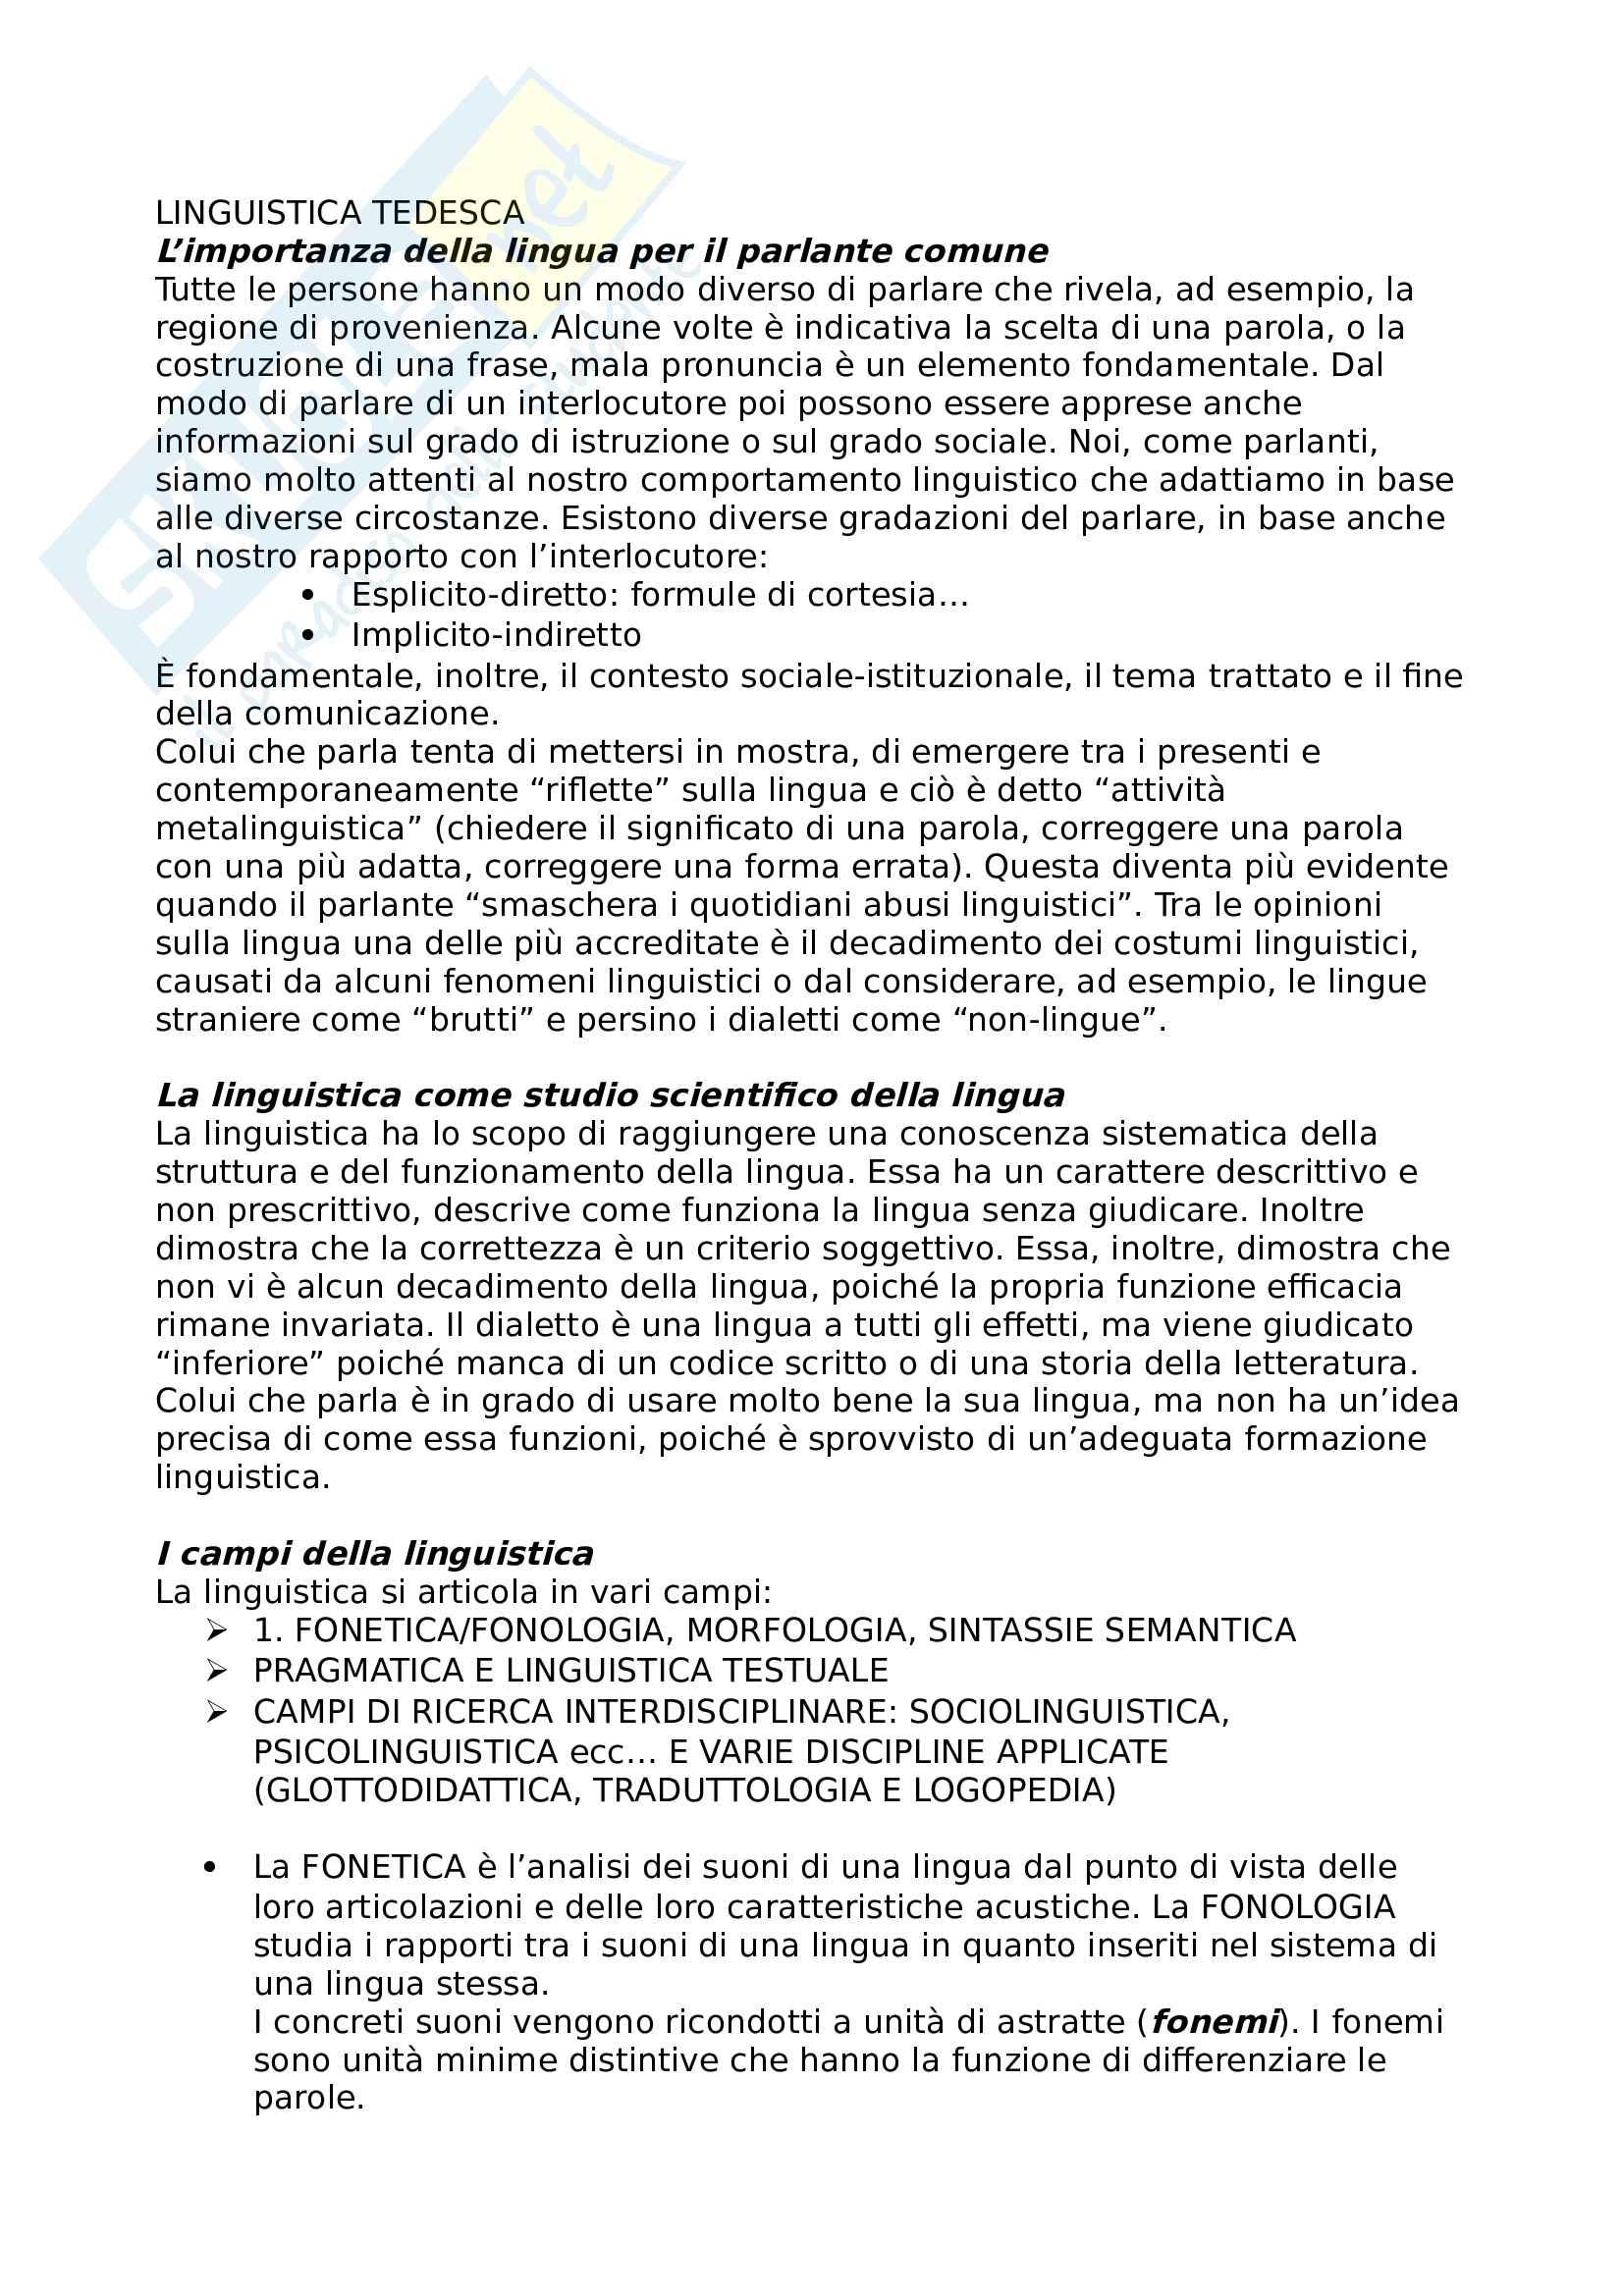 Riassunto esame linguistica tedesca, prof. Di Meola, libro consigliato La linguistica tedesca, Di Meola